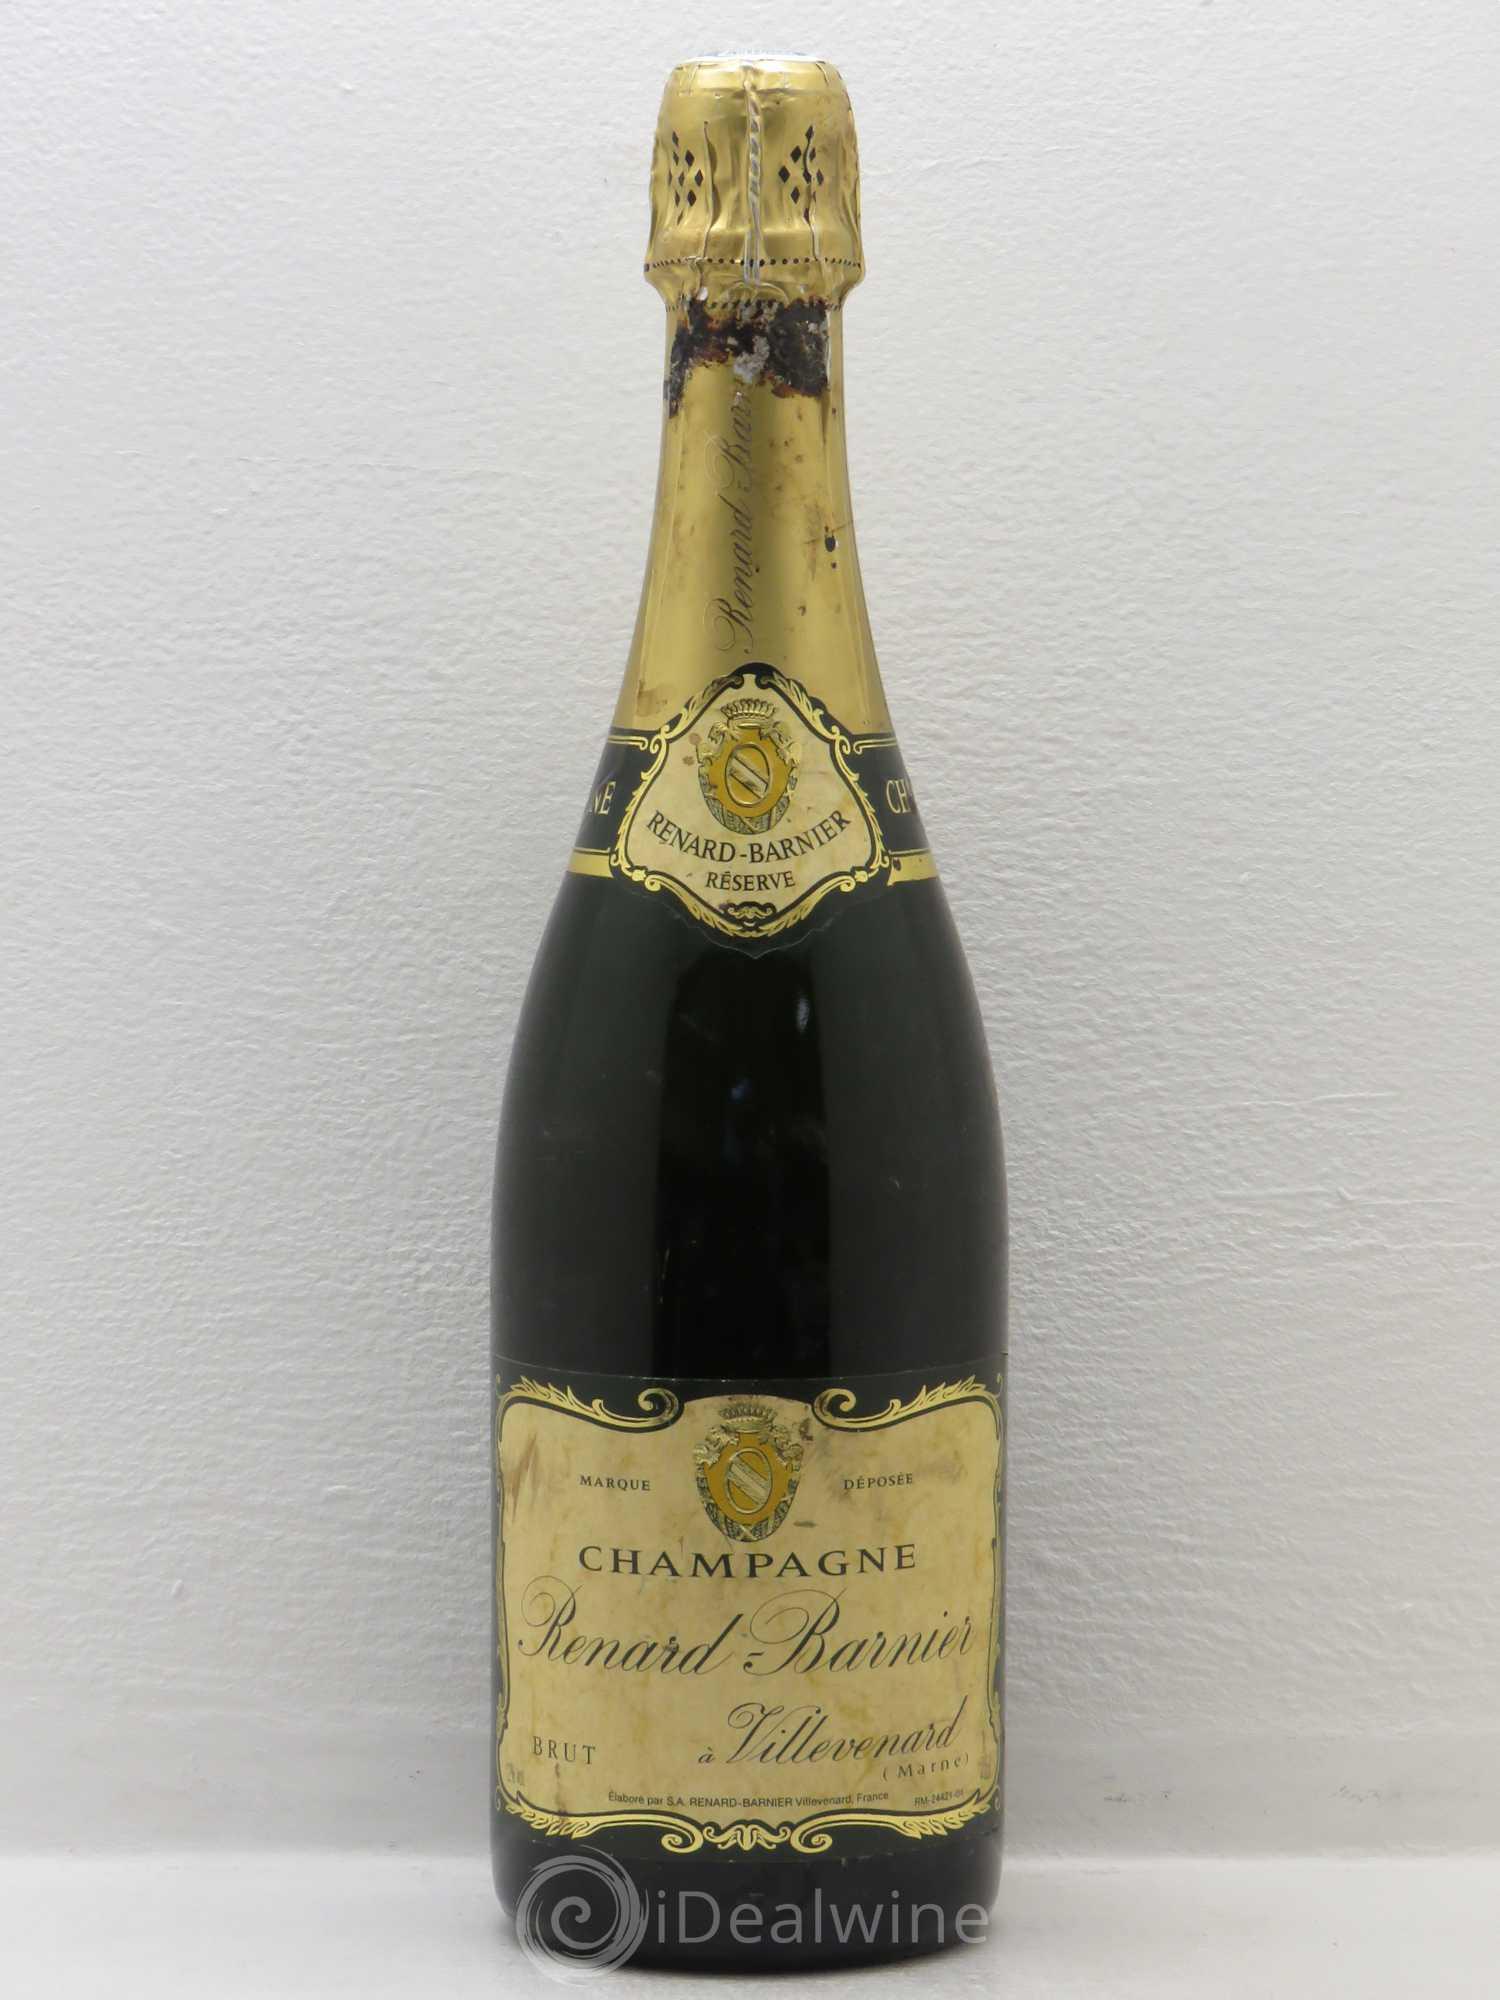 acheter brut champagne renard barnier r serve sans prix de r serve lot 1700. Black Bedroom Furniture Sets. Home Design Ideas